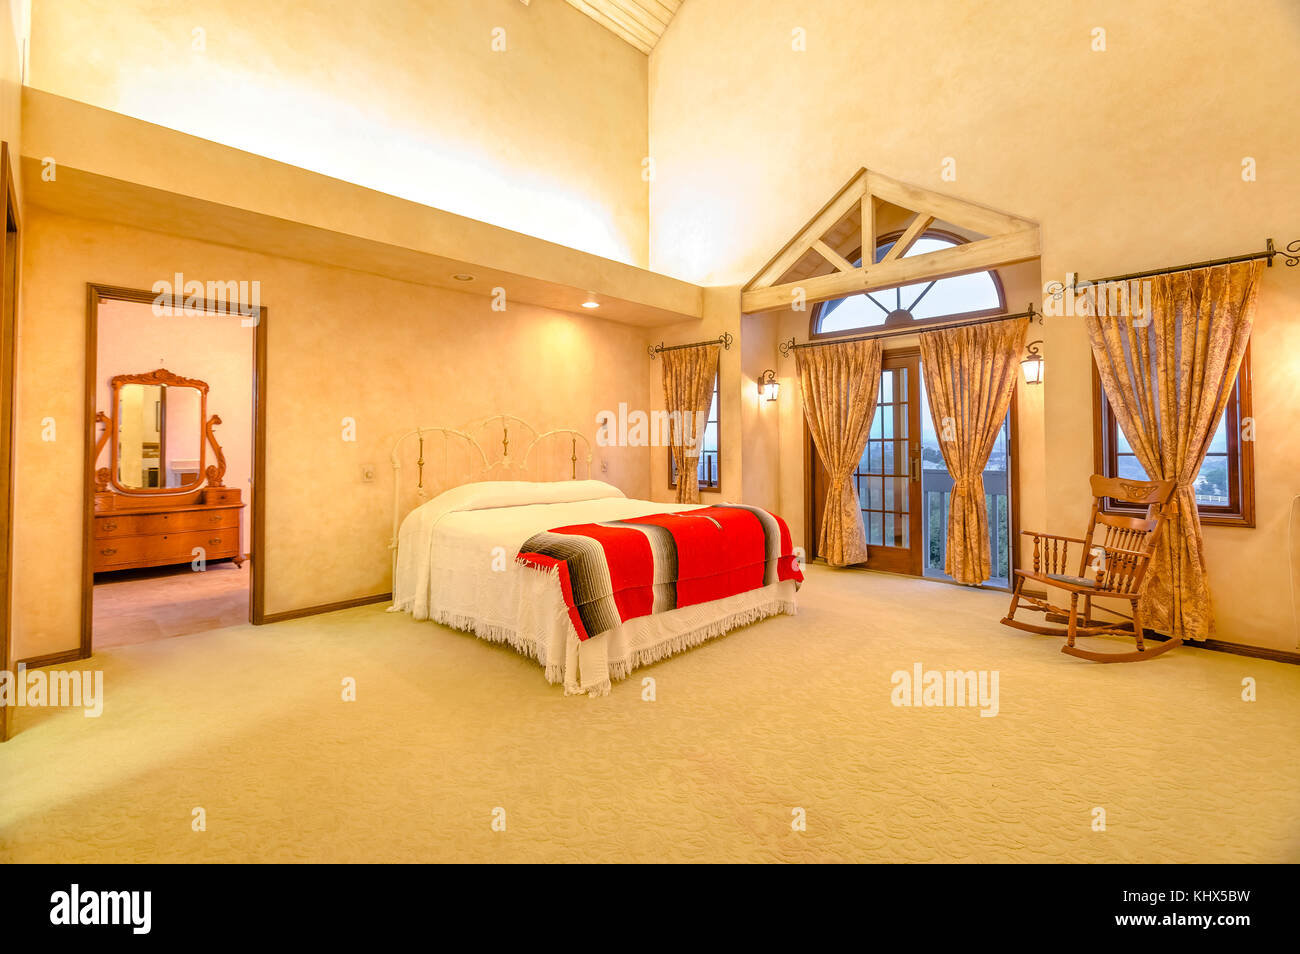 Soffitto In Legno Con Travi : Spaziosa camera da letto con travi a soffitto in legno. splendida